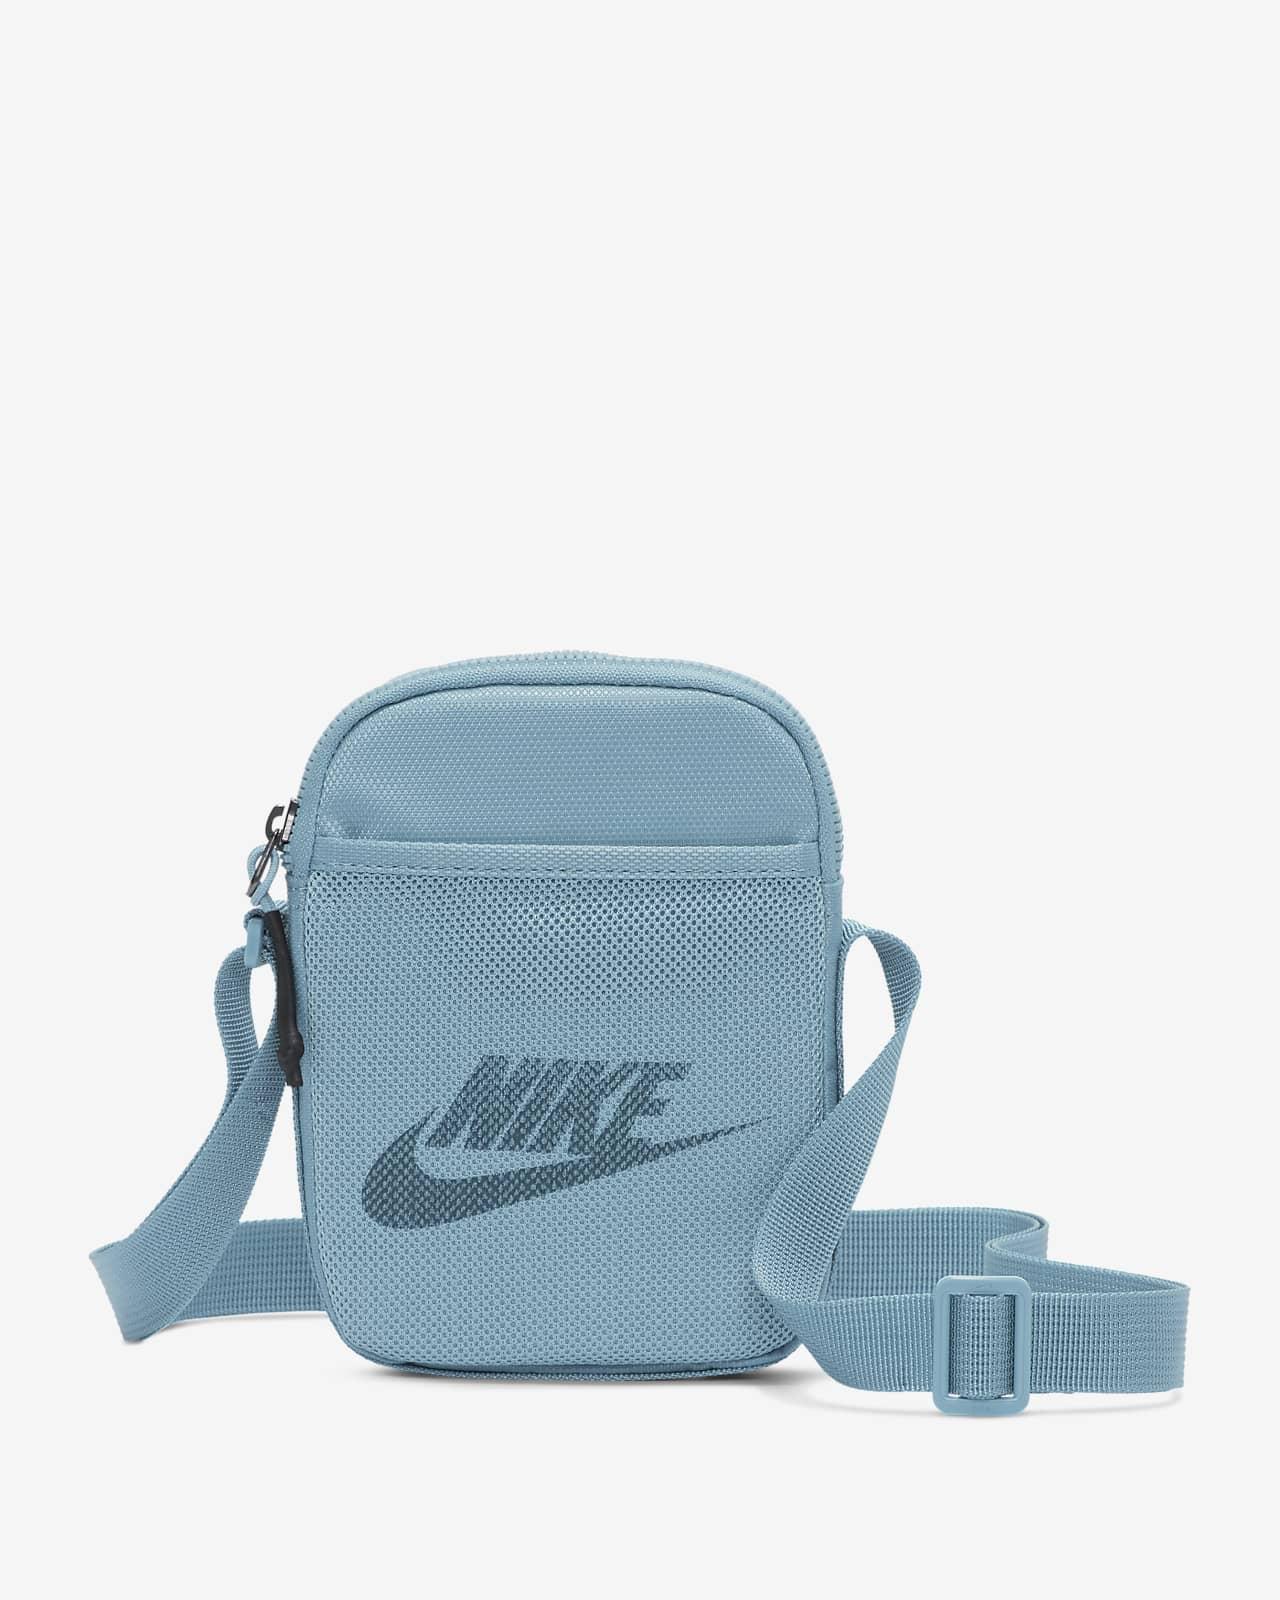 Crossbody-väska Nike Heritage (liten)